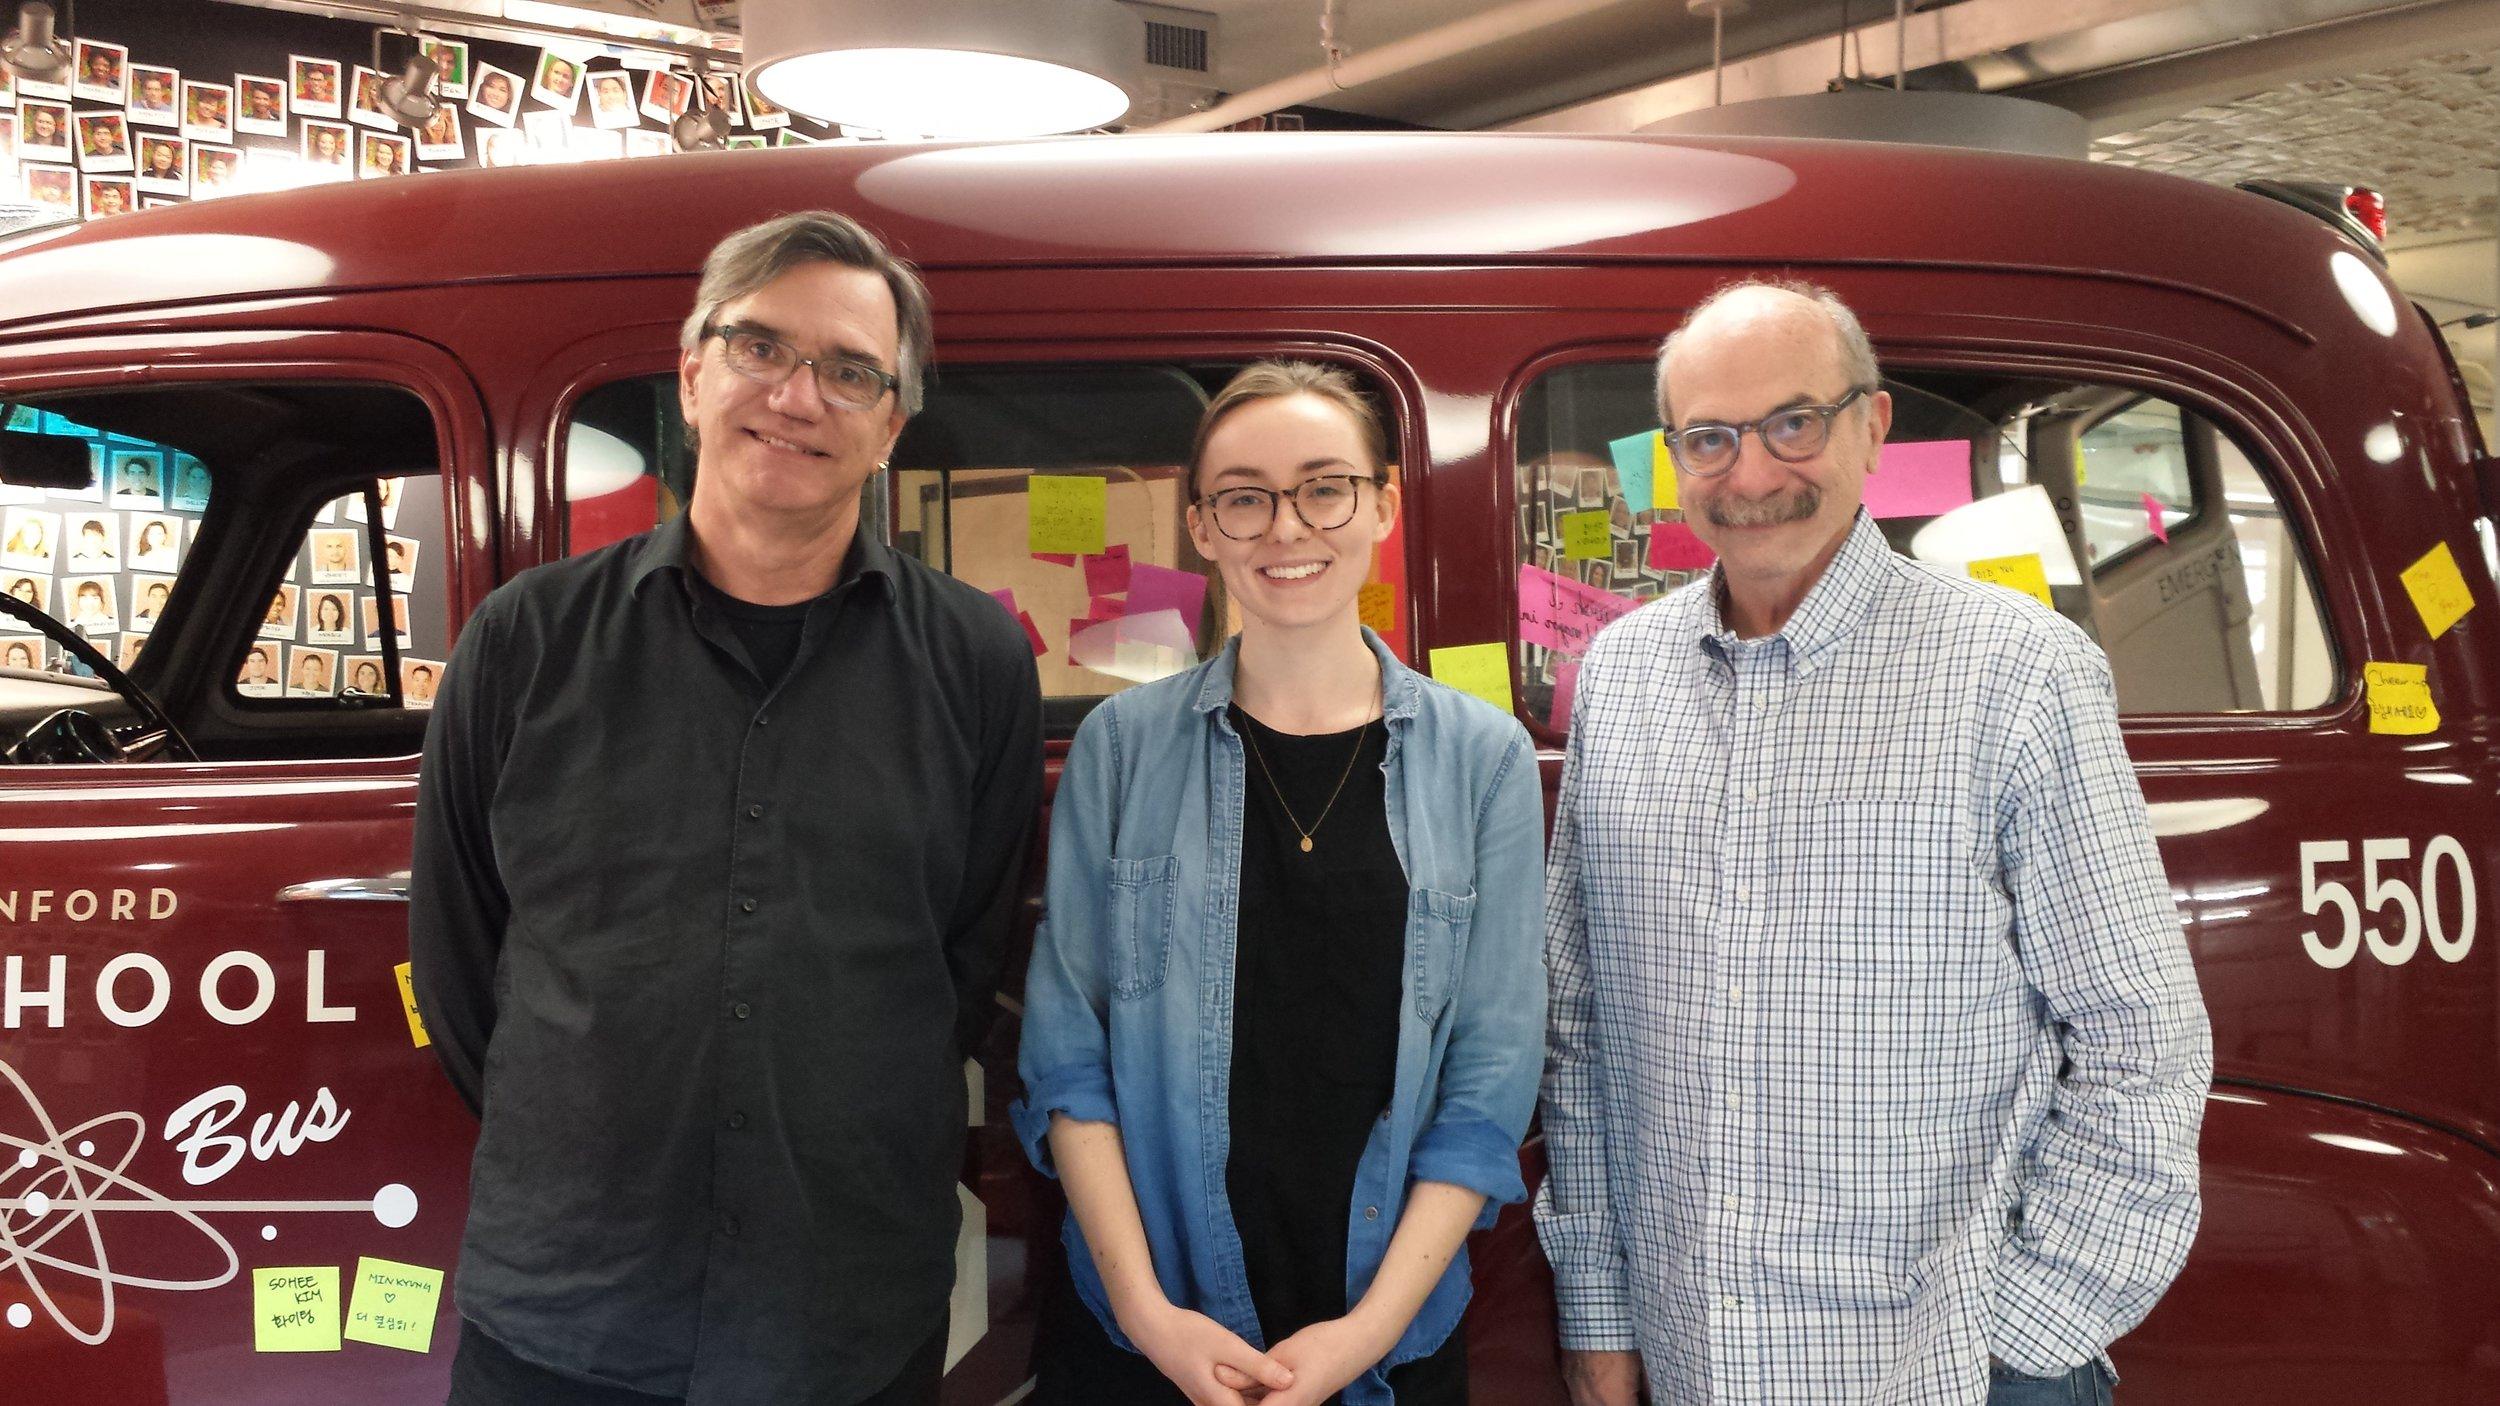 Teagan with mentors Bill Burnett and David Kelley